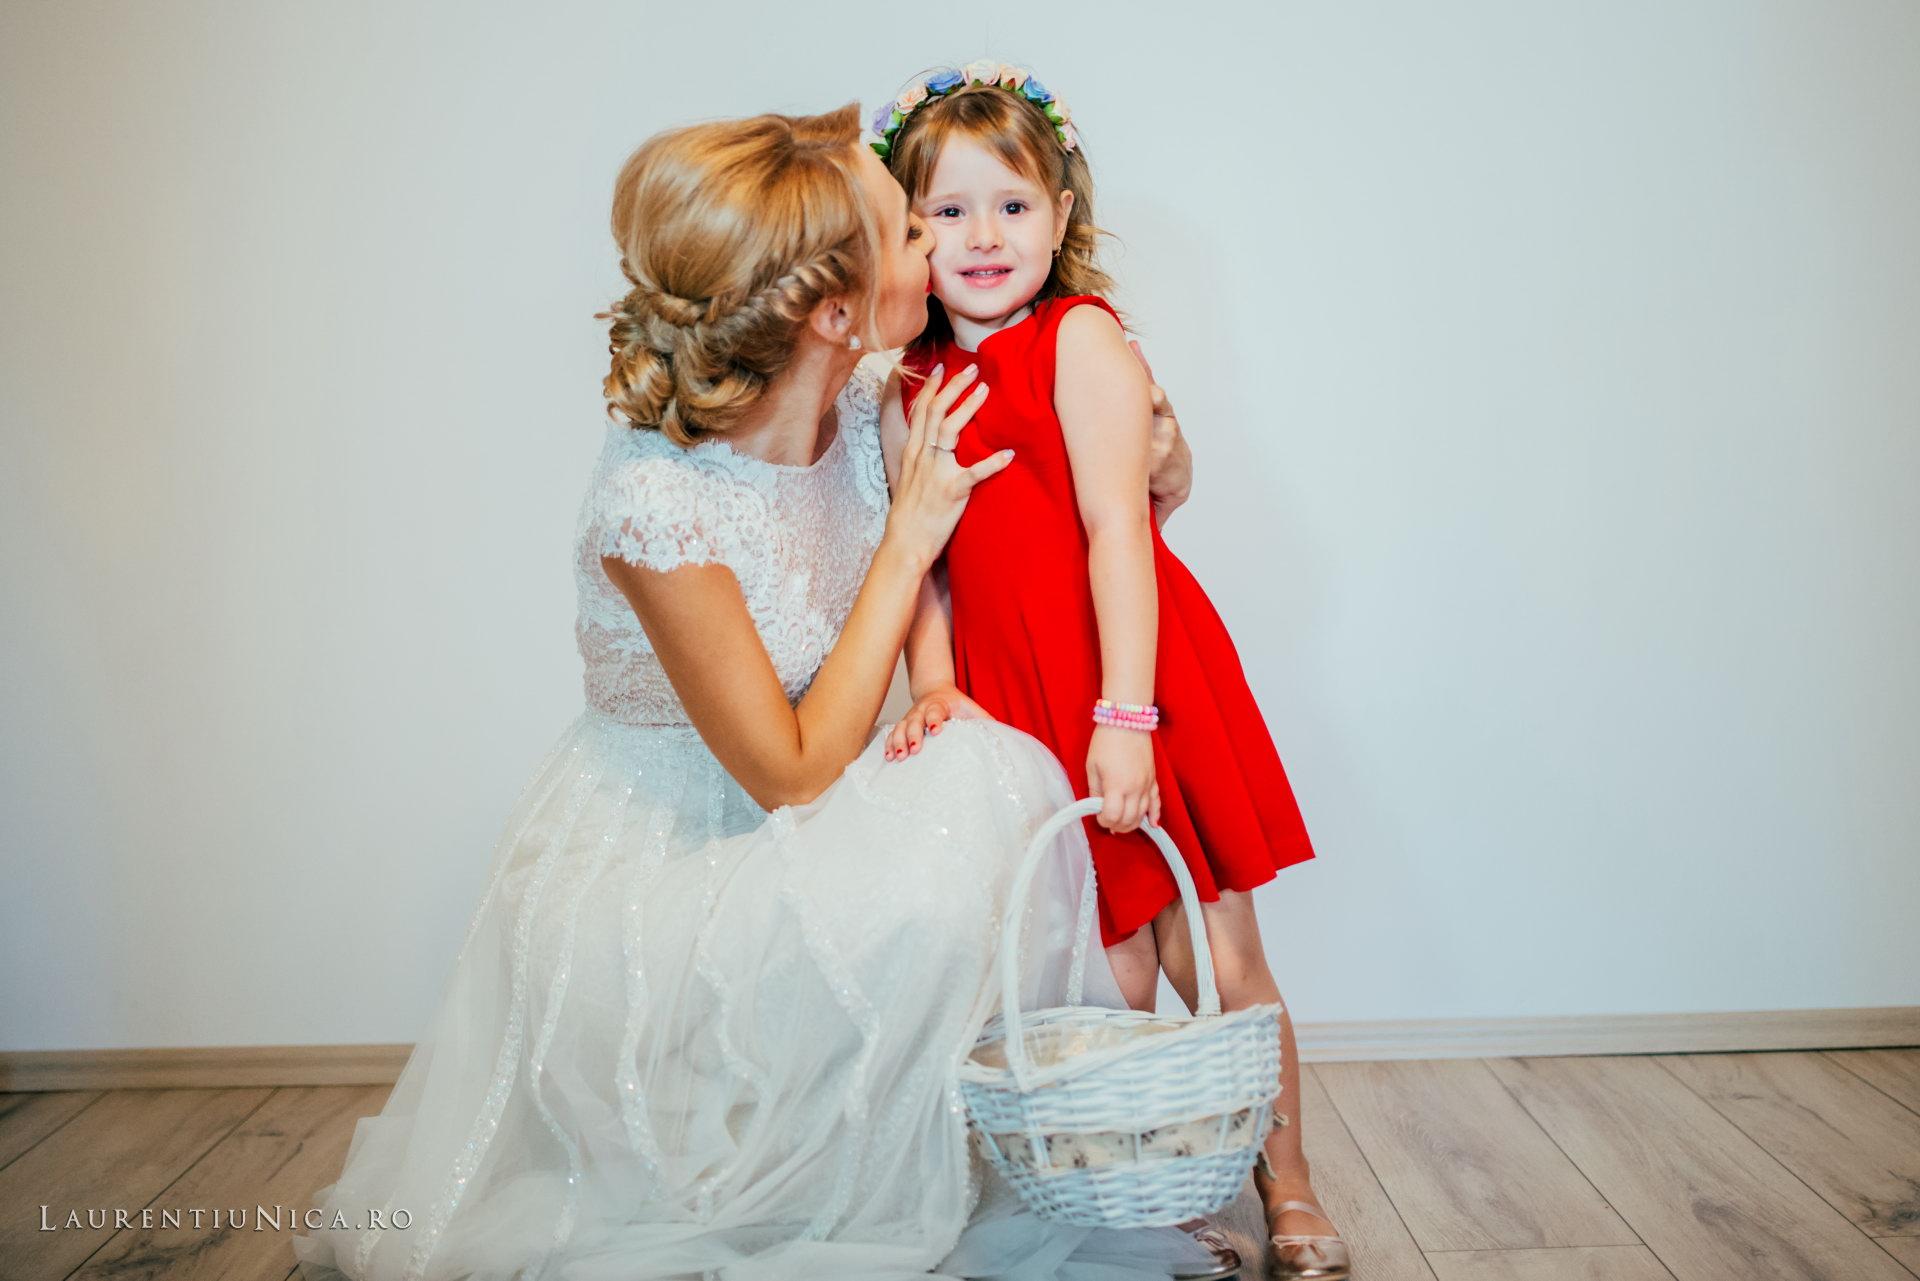 alina si razvan craiova fotograf nunta laurentiu nica29 - Alina & Razvan | Fotografii nunta